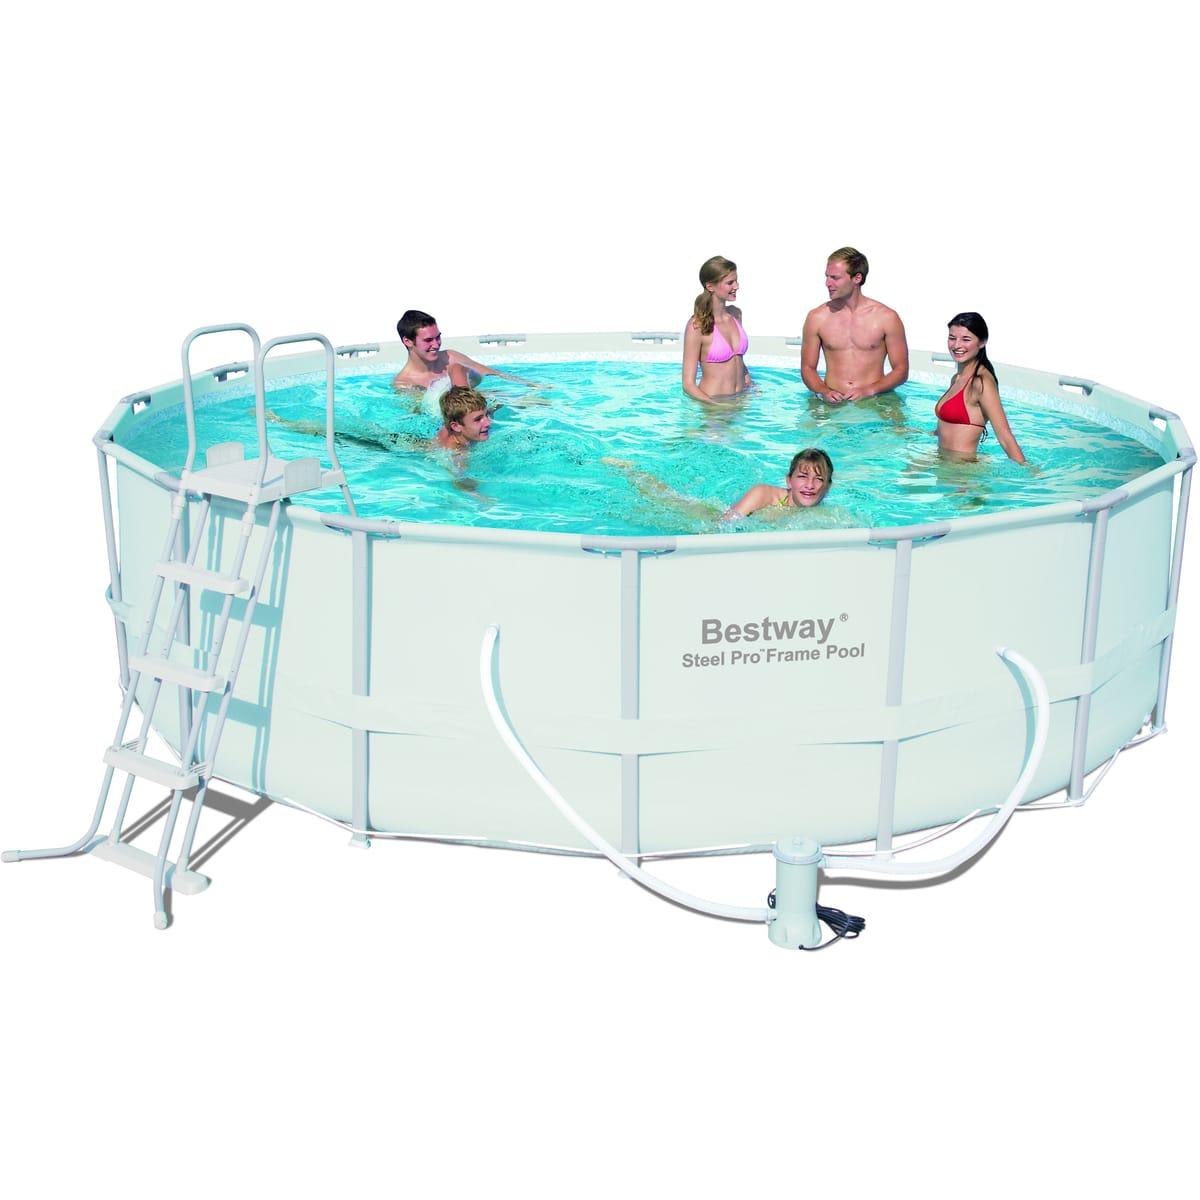 Une piscine tubulaire : il en existe de plusieurs formes